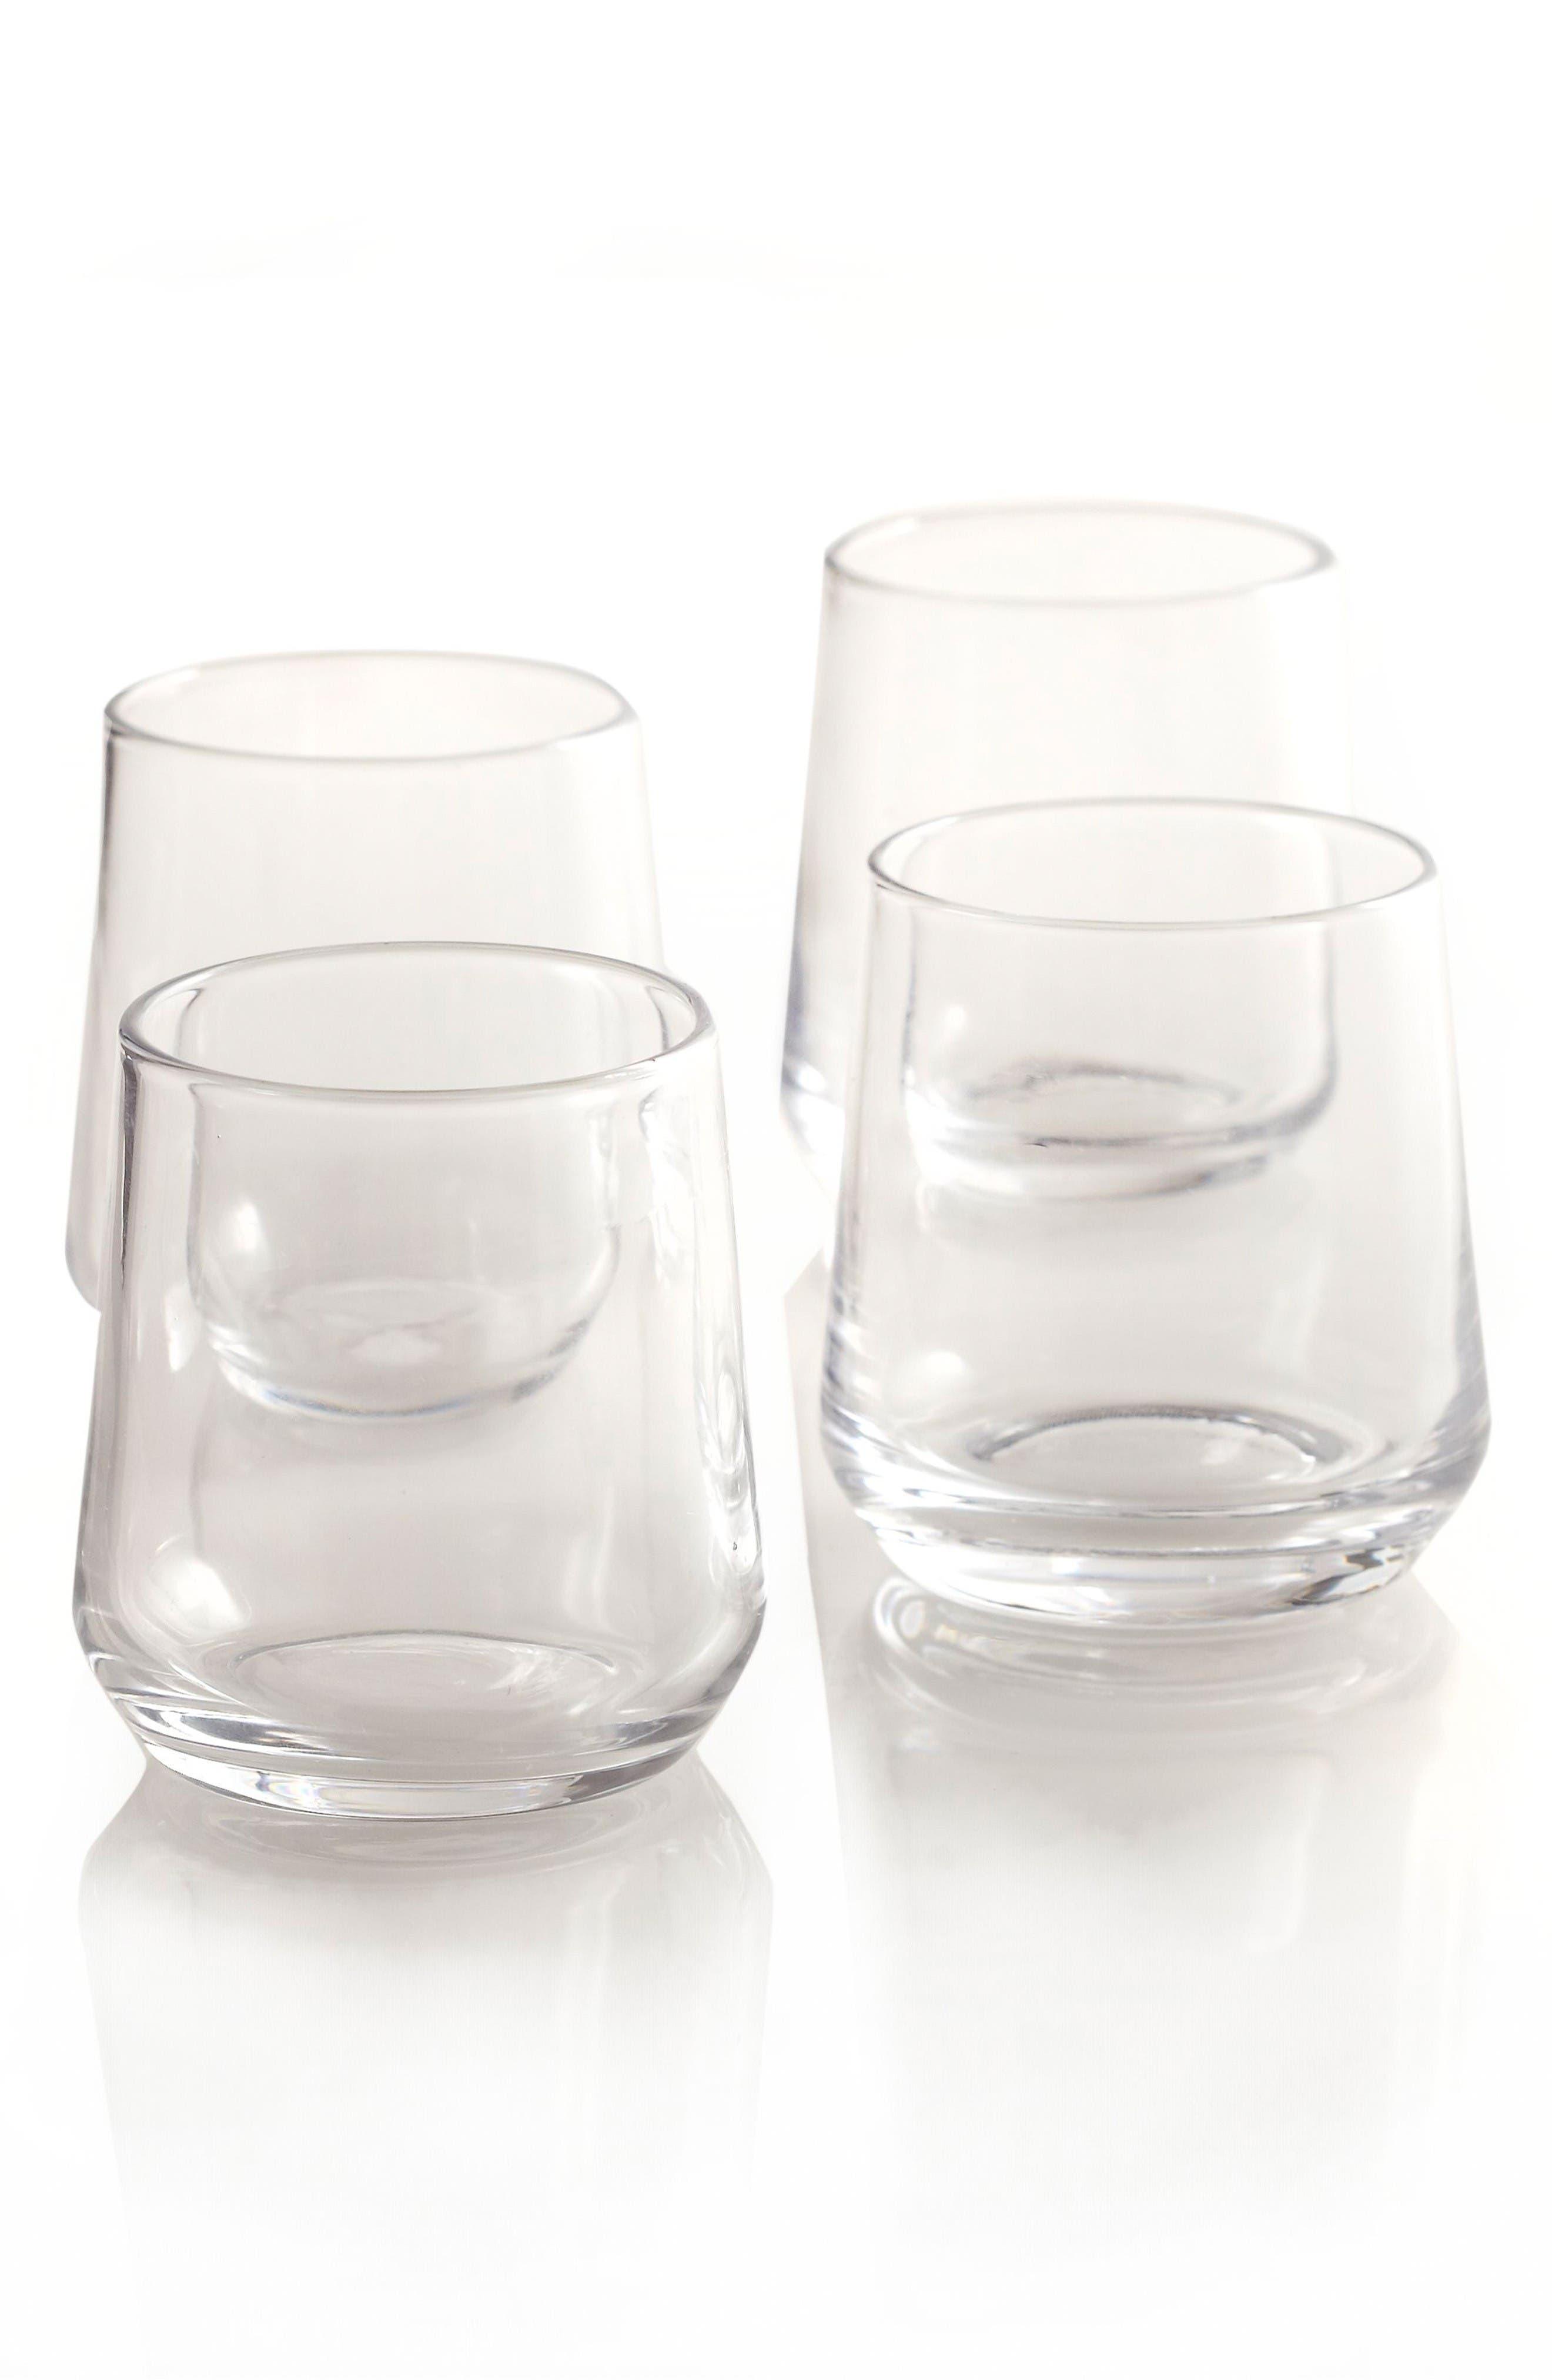 zestt Set of 12 Tasting Glasses